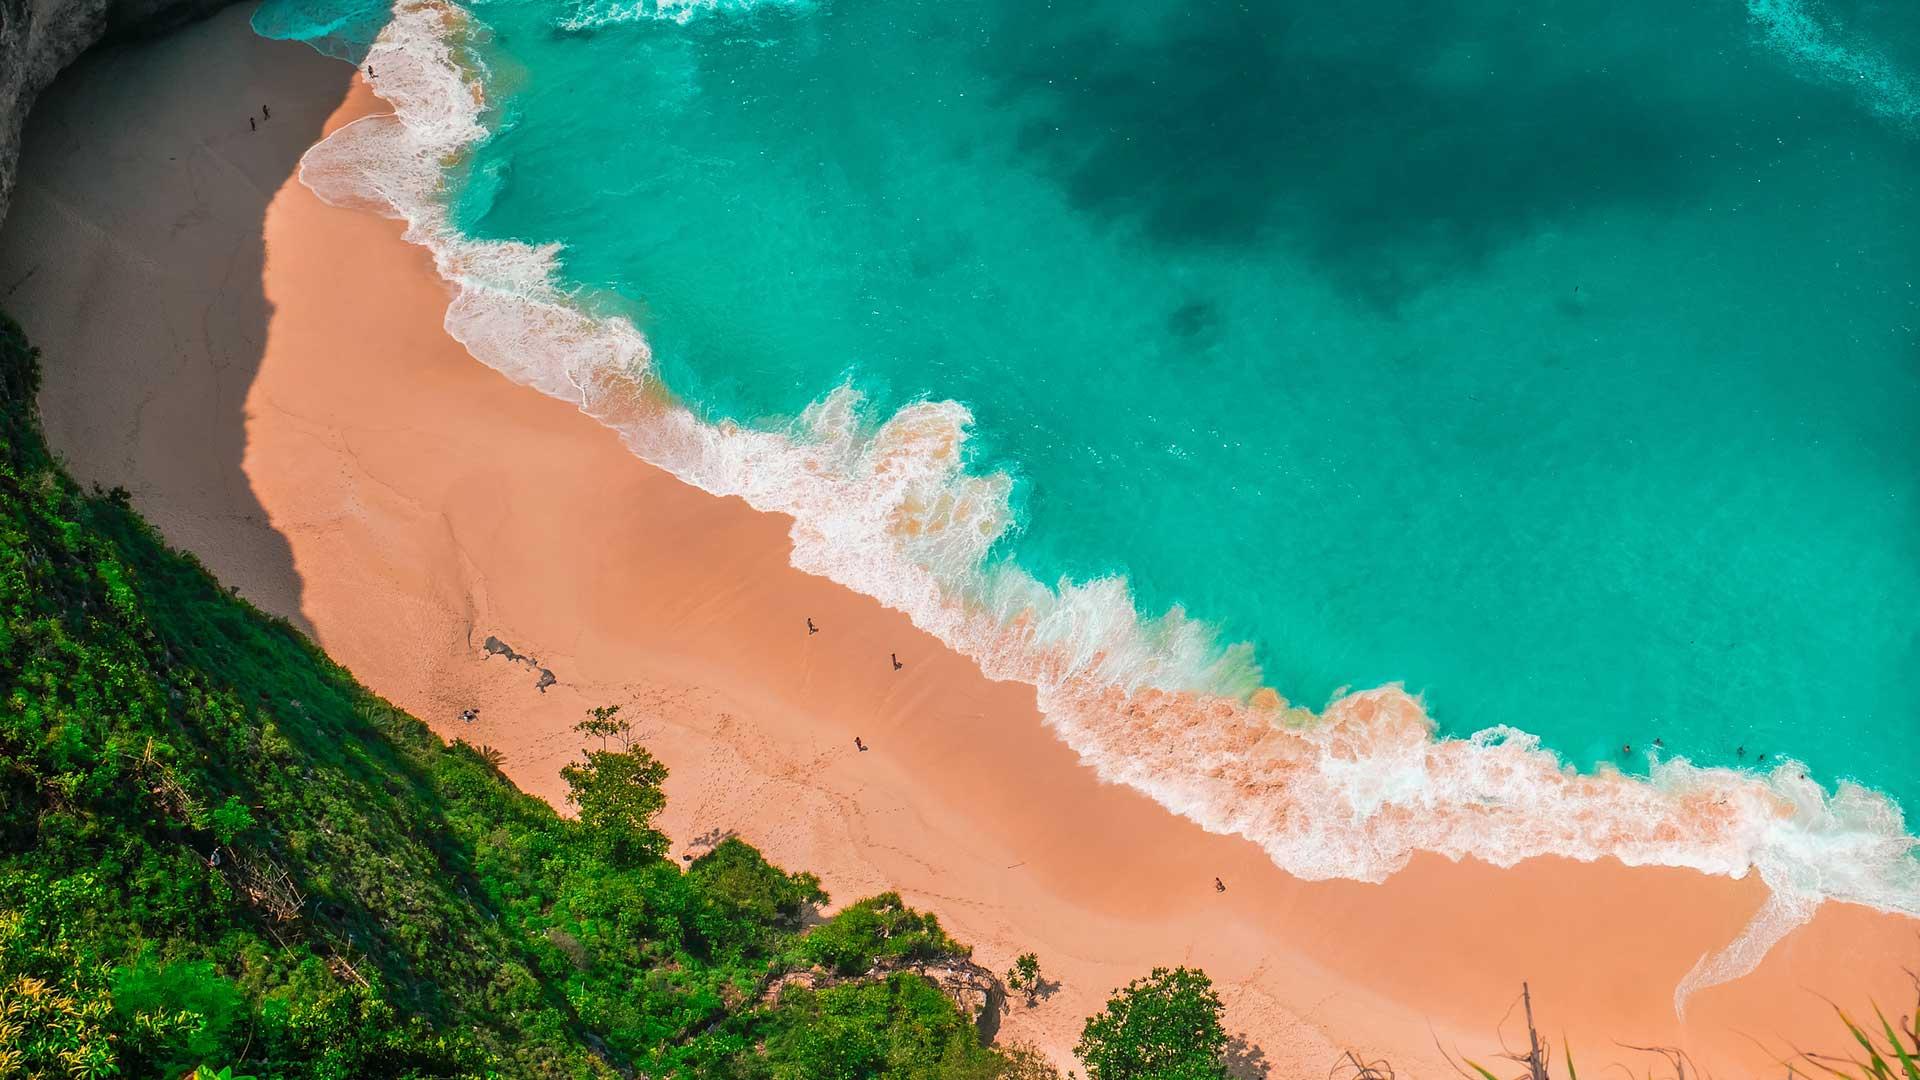 Бали, Индонезия (Яванское море, чуть южнее экватора)